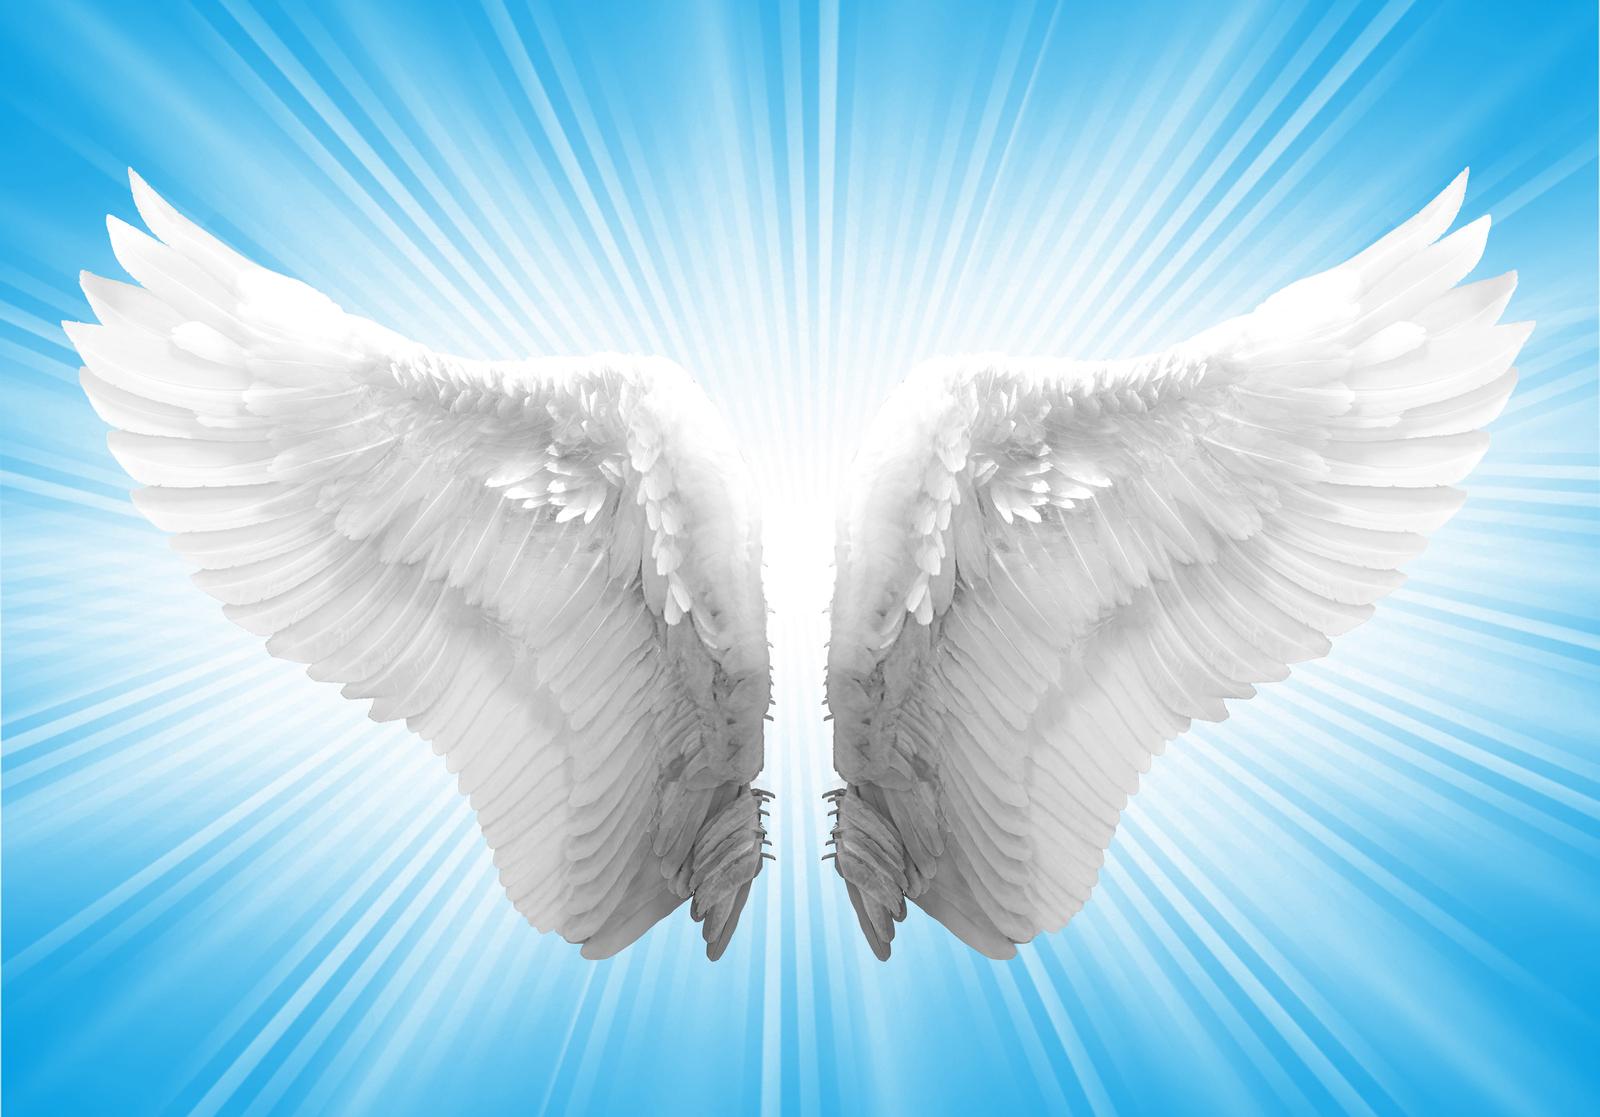 Angels-wings-blue